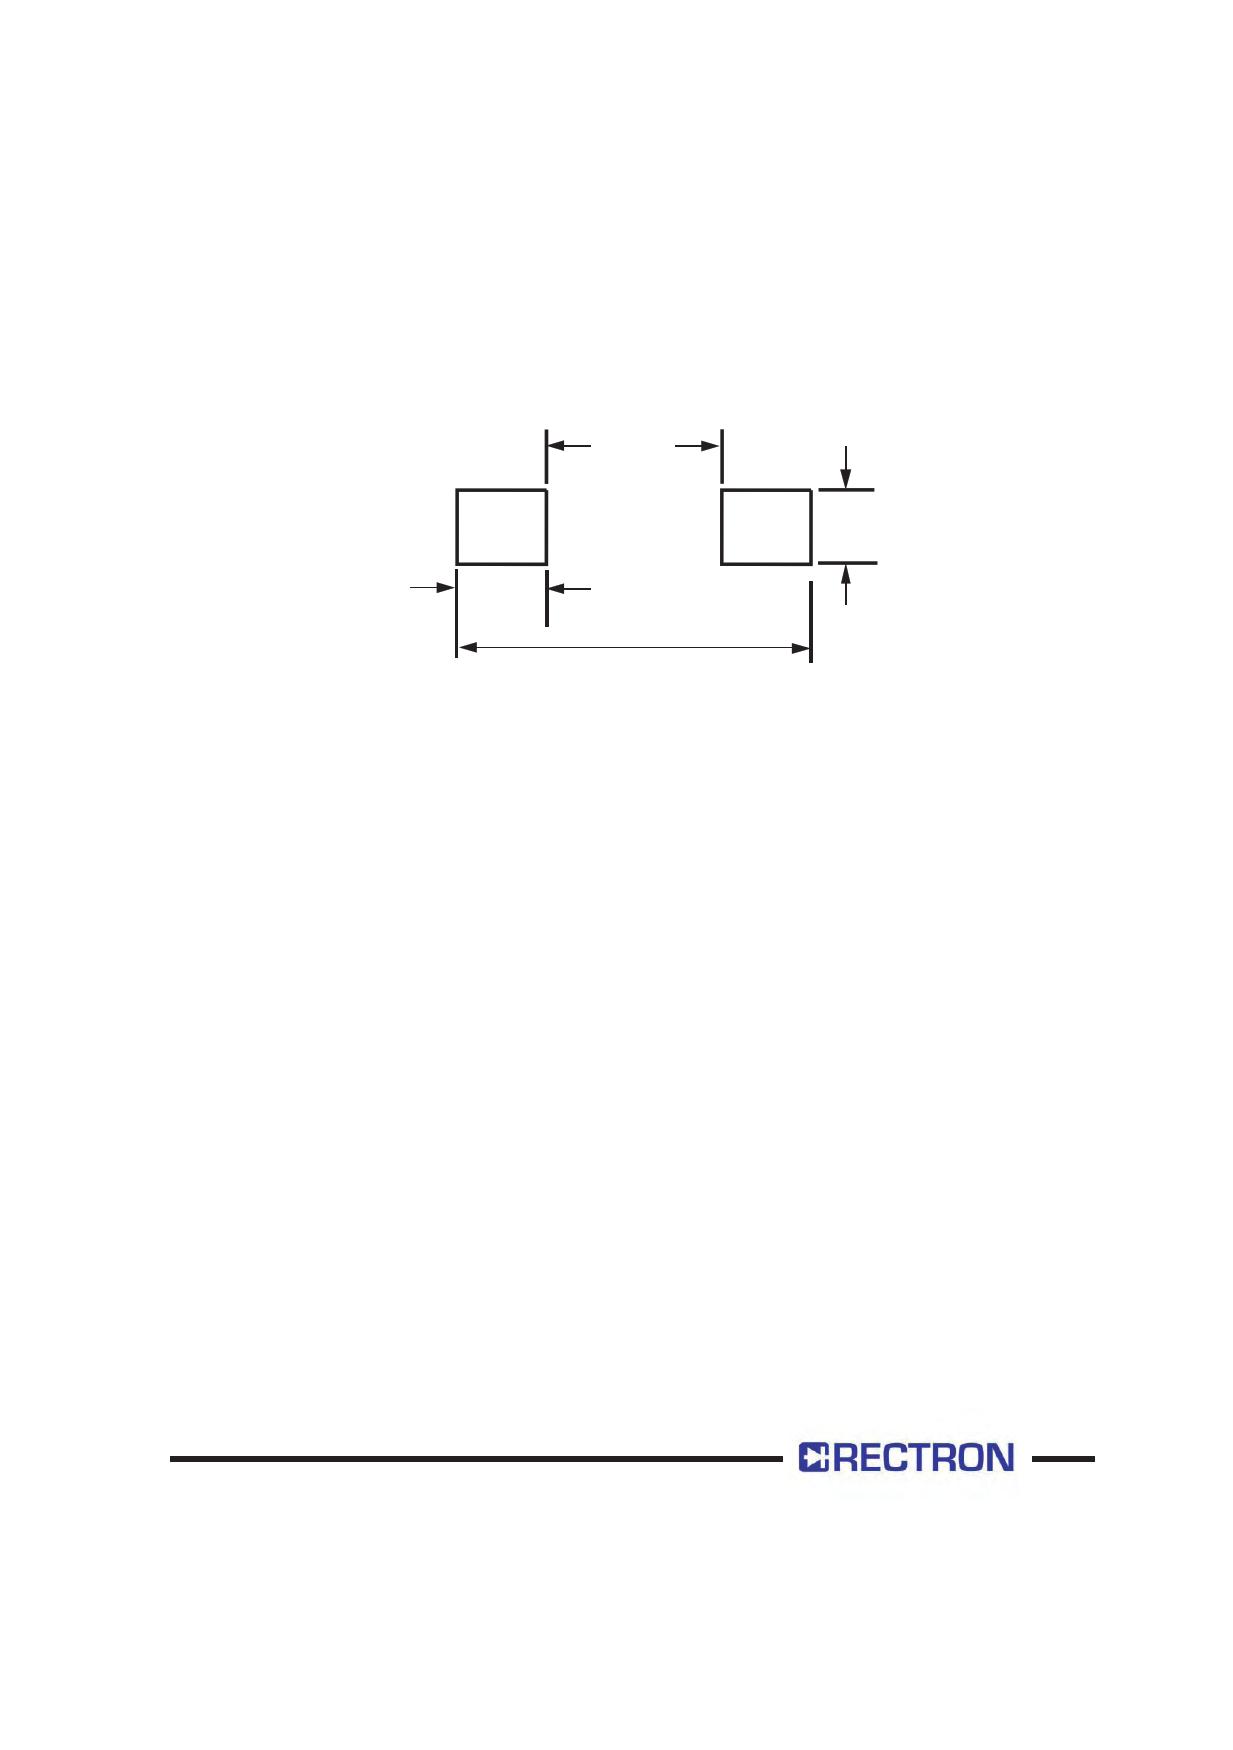 MURS360 pdf, ピン配列